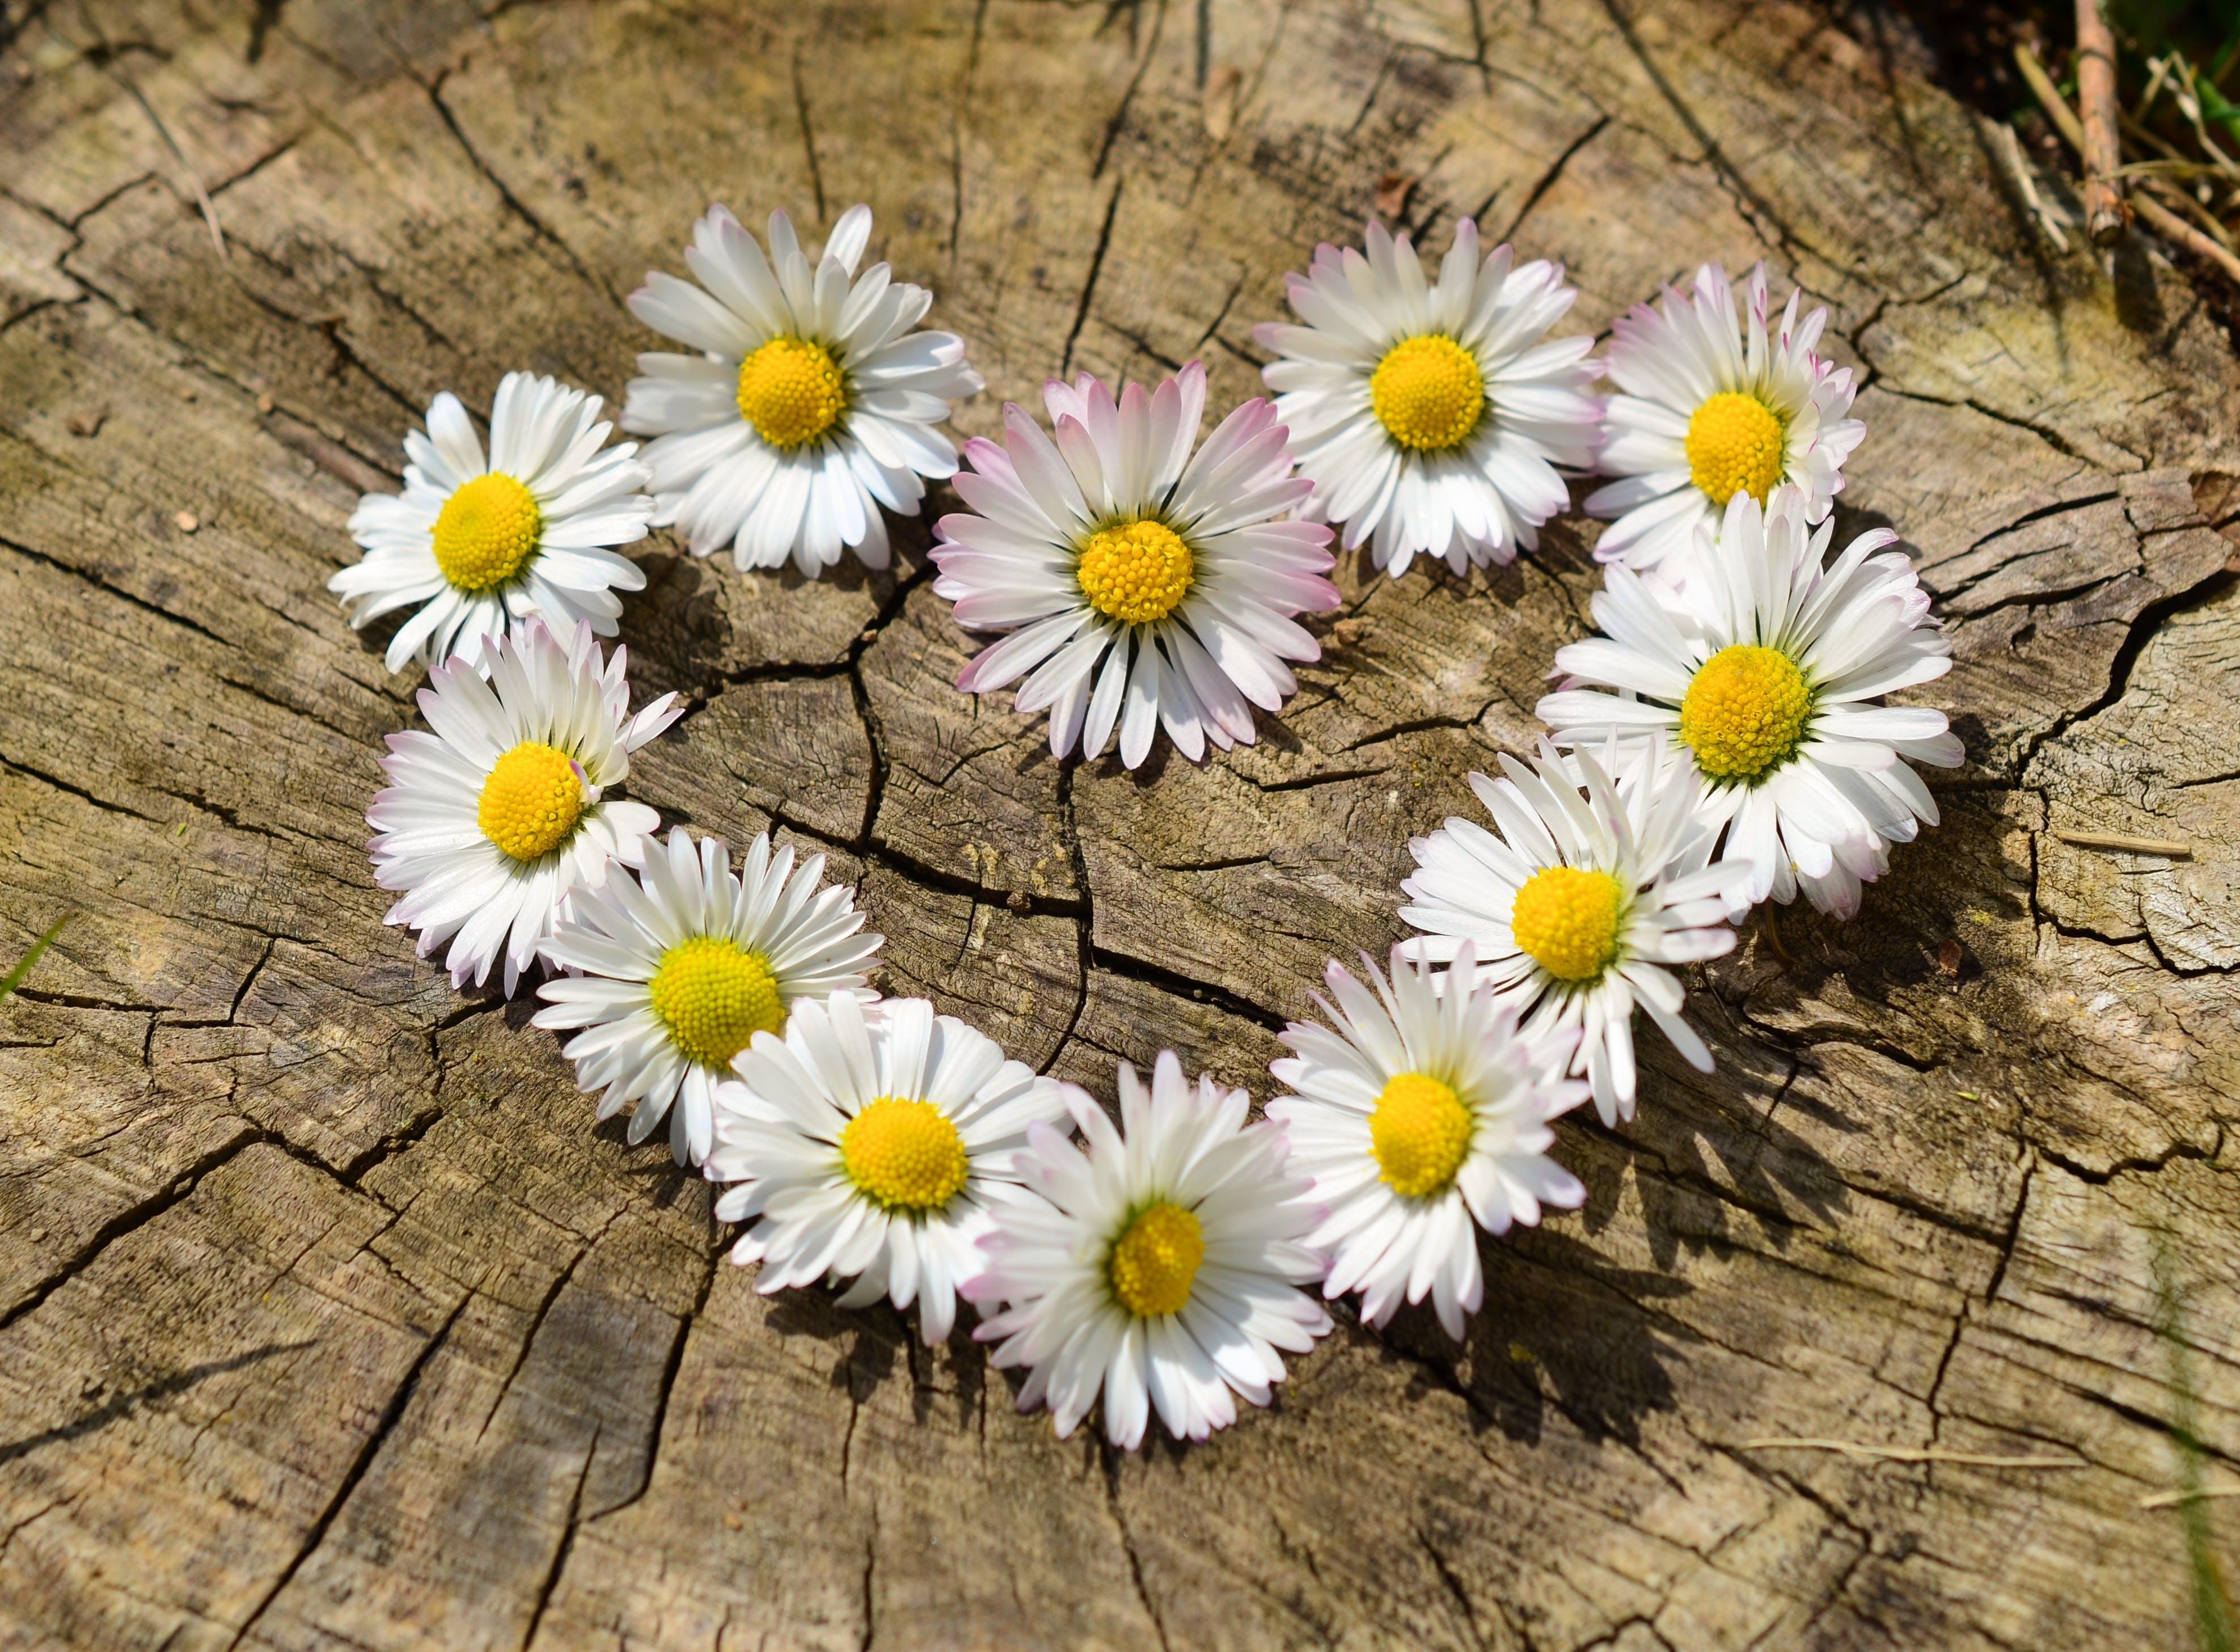 Δωρεάν στοκ φωτογραφιών με αγάπη, καρδιά, λουλούδια, μαργαρίτες